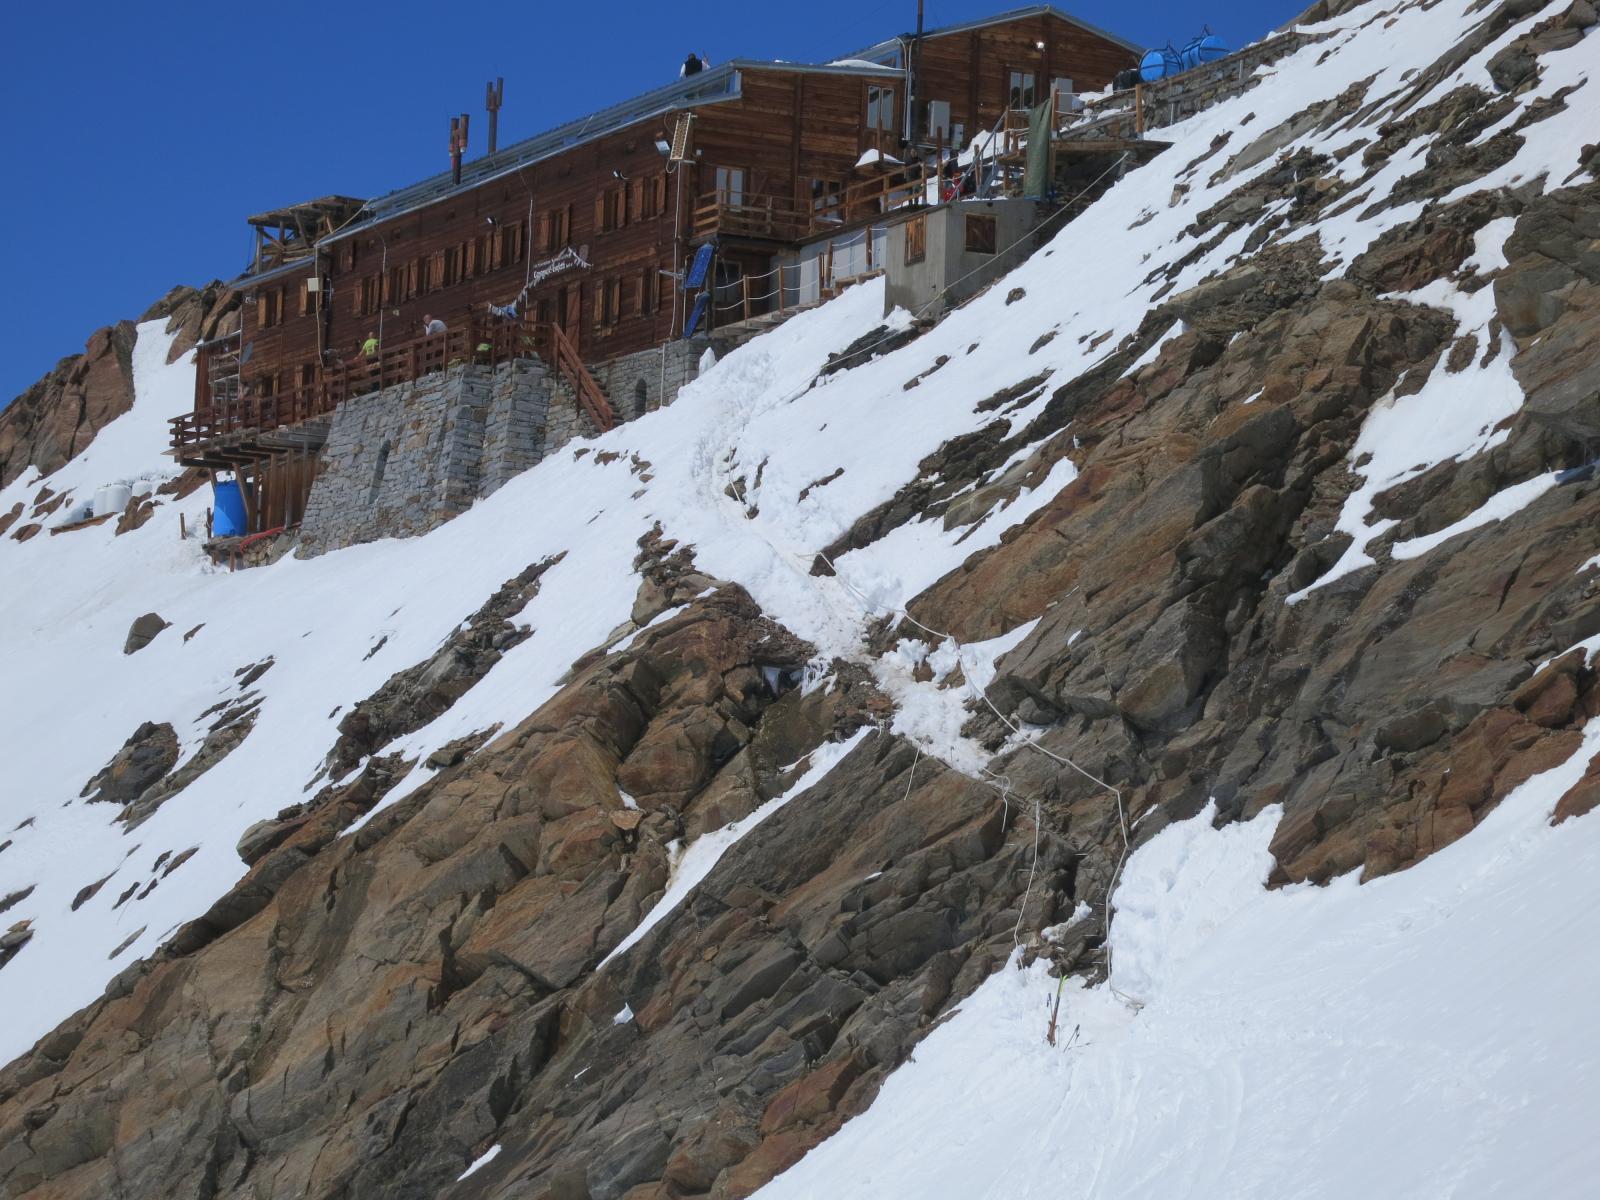 Gnifetti, il ghiaccio dei decenni passati, che raccordava il pendio alla capanna è scomparso